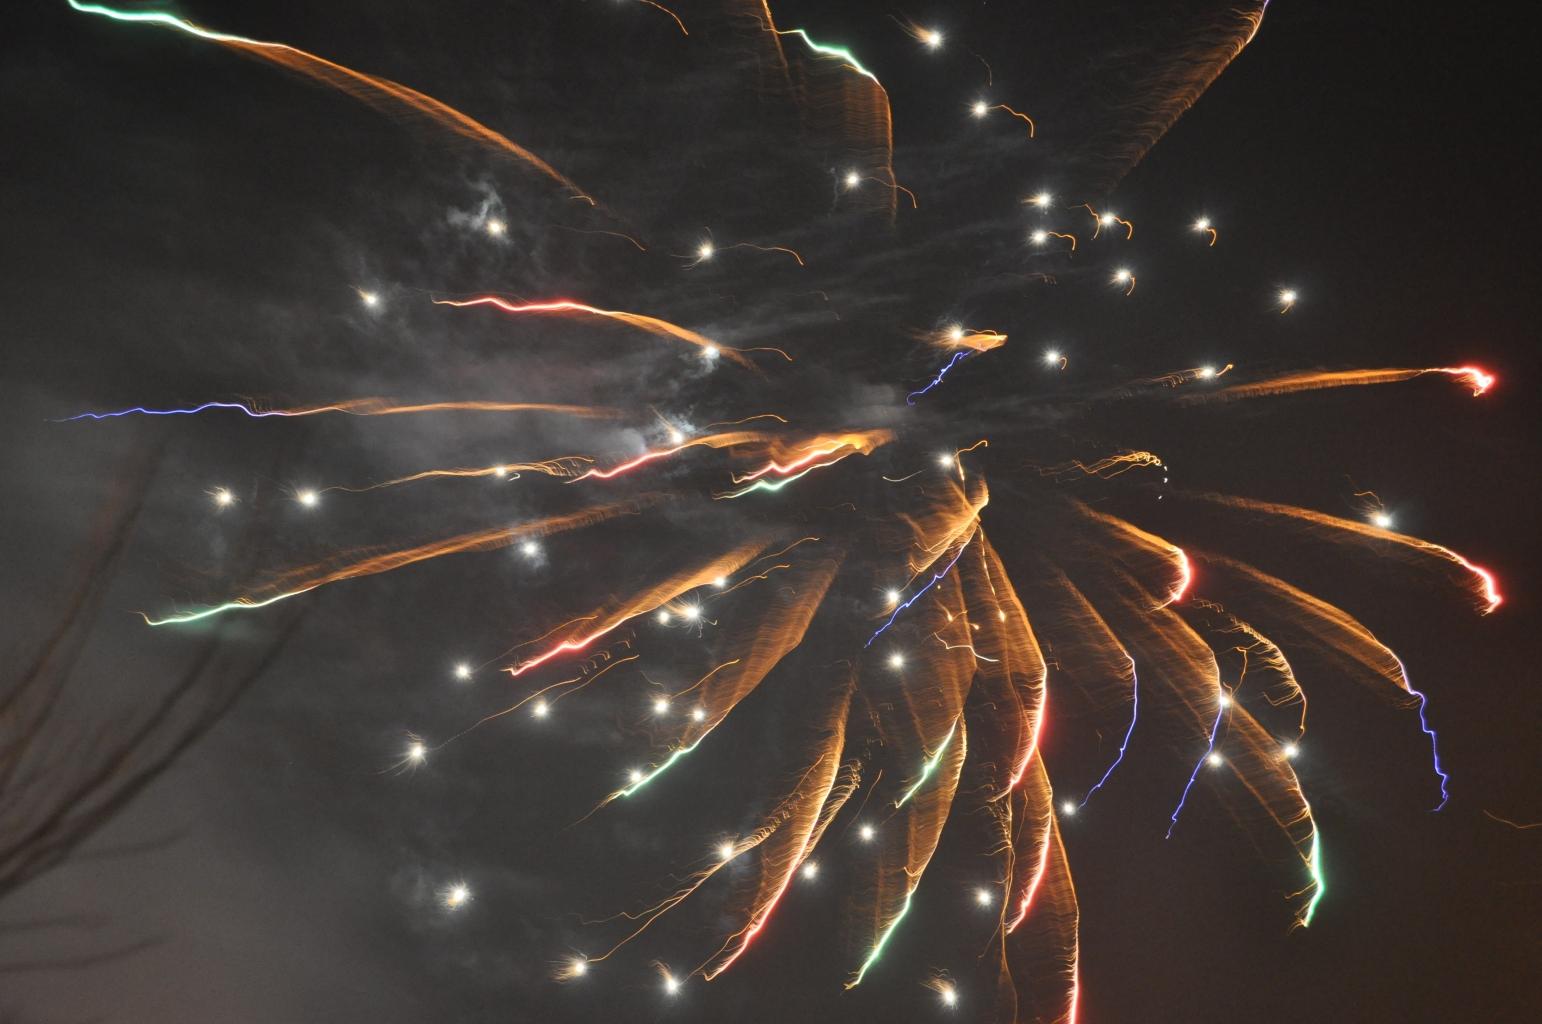 Nu hvor året lakker mod enden: Årets tilbageblik!